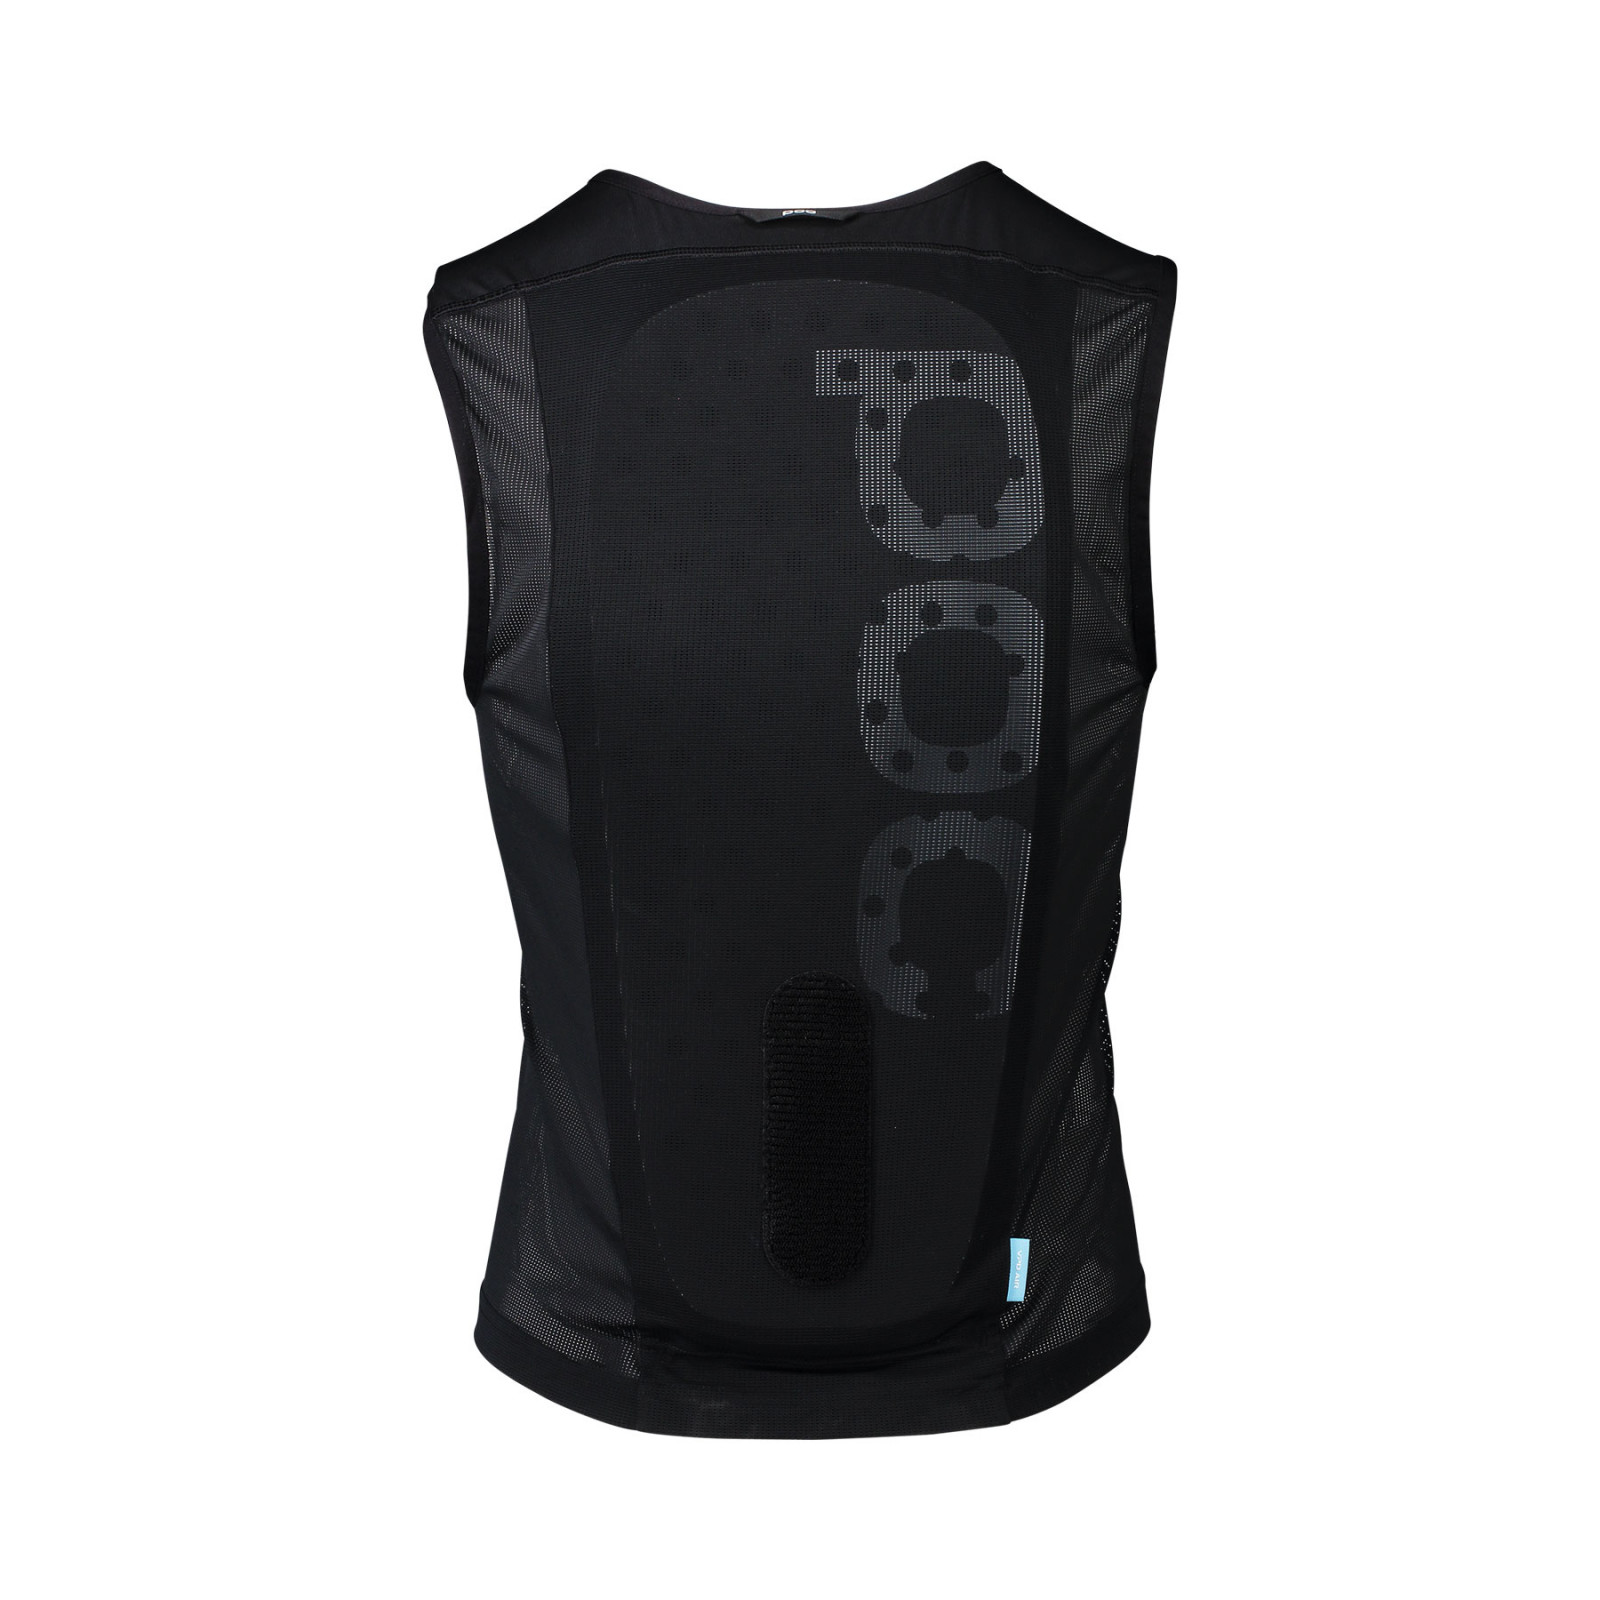 POC Spine VPD Air WO Vest - Regular Fit